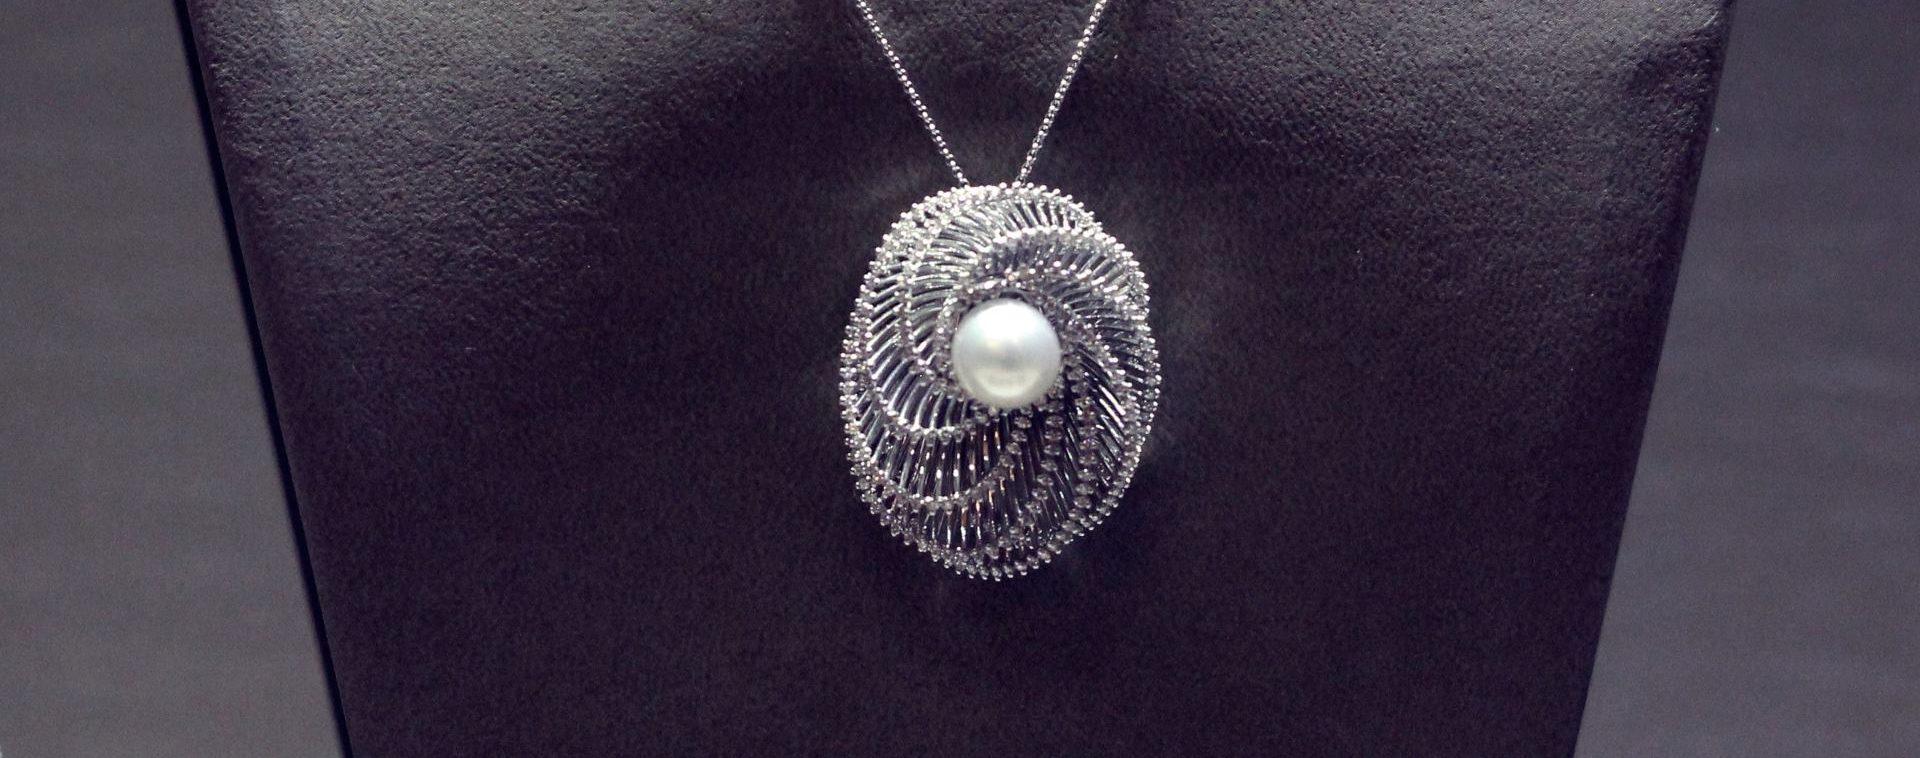 Ogrlica s dijamantima i prirodnom perlom